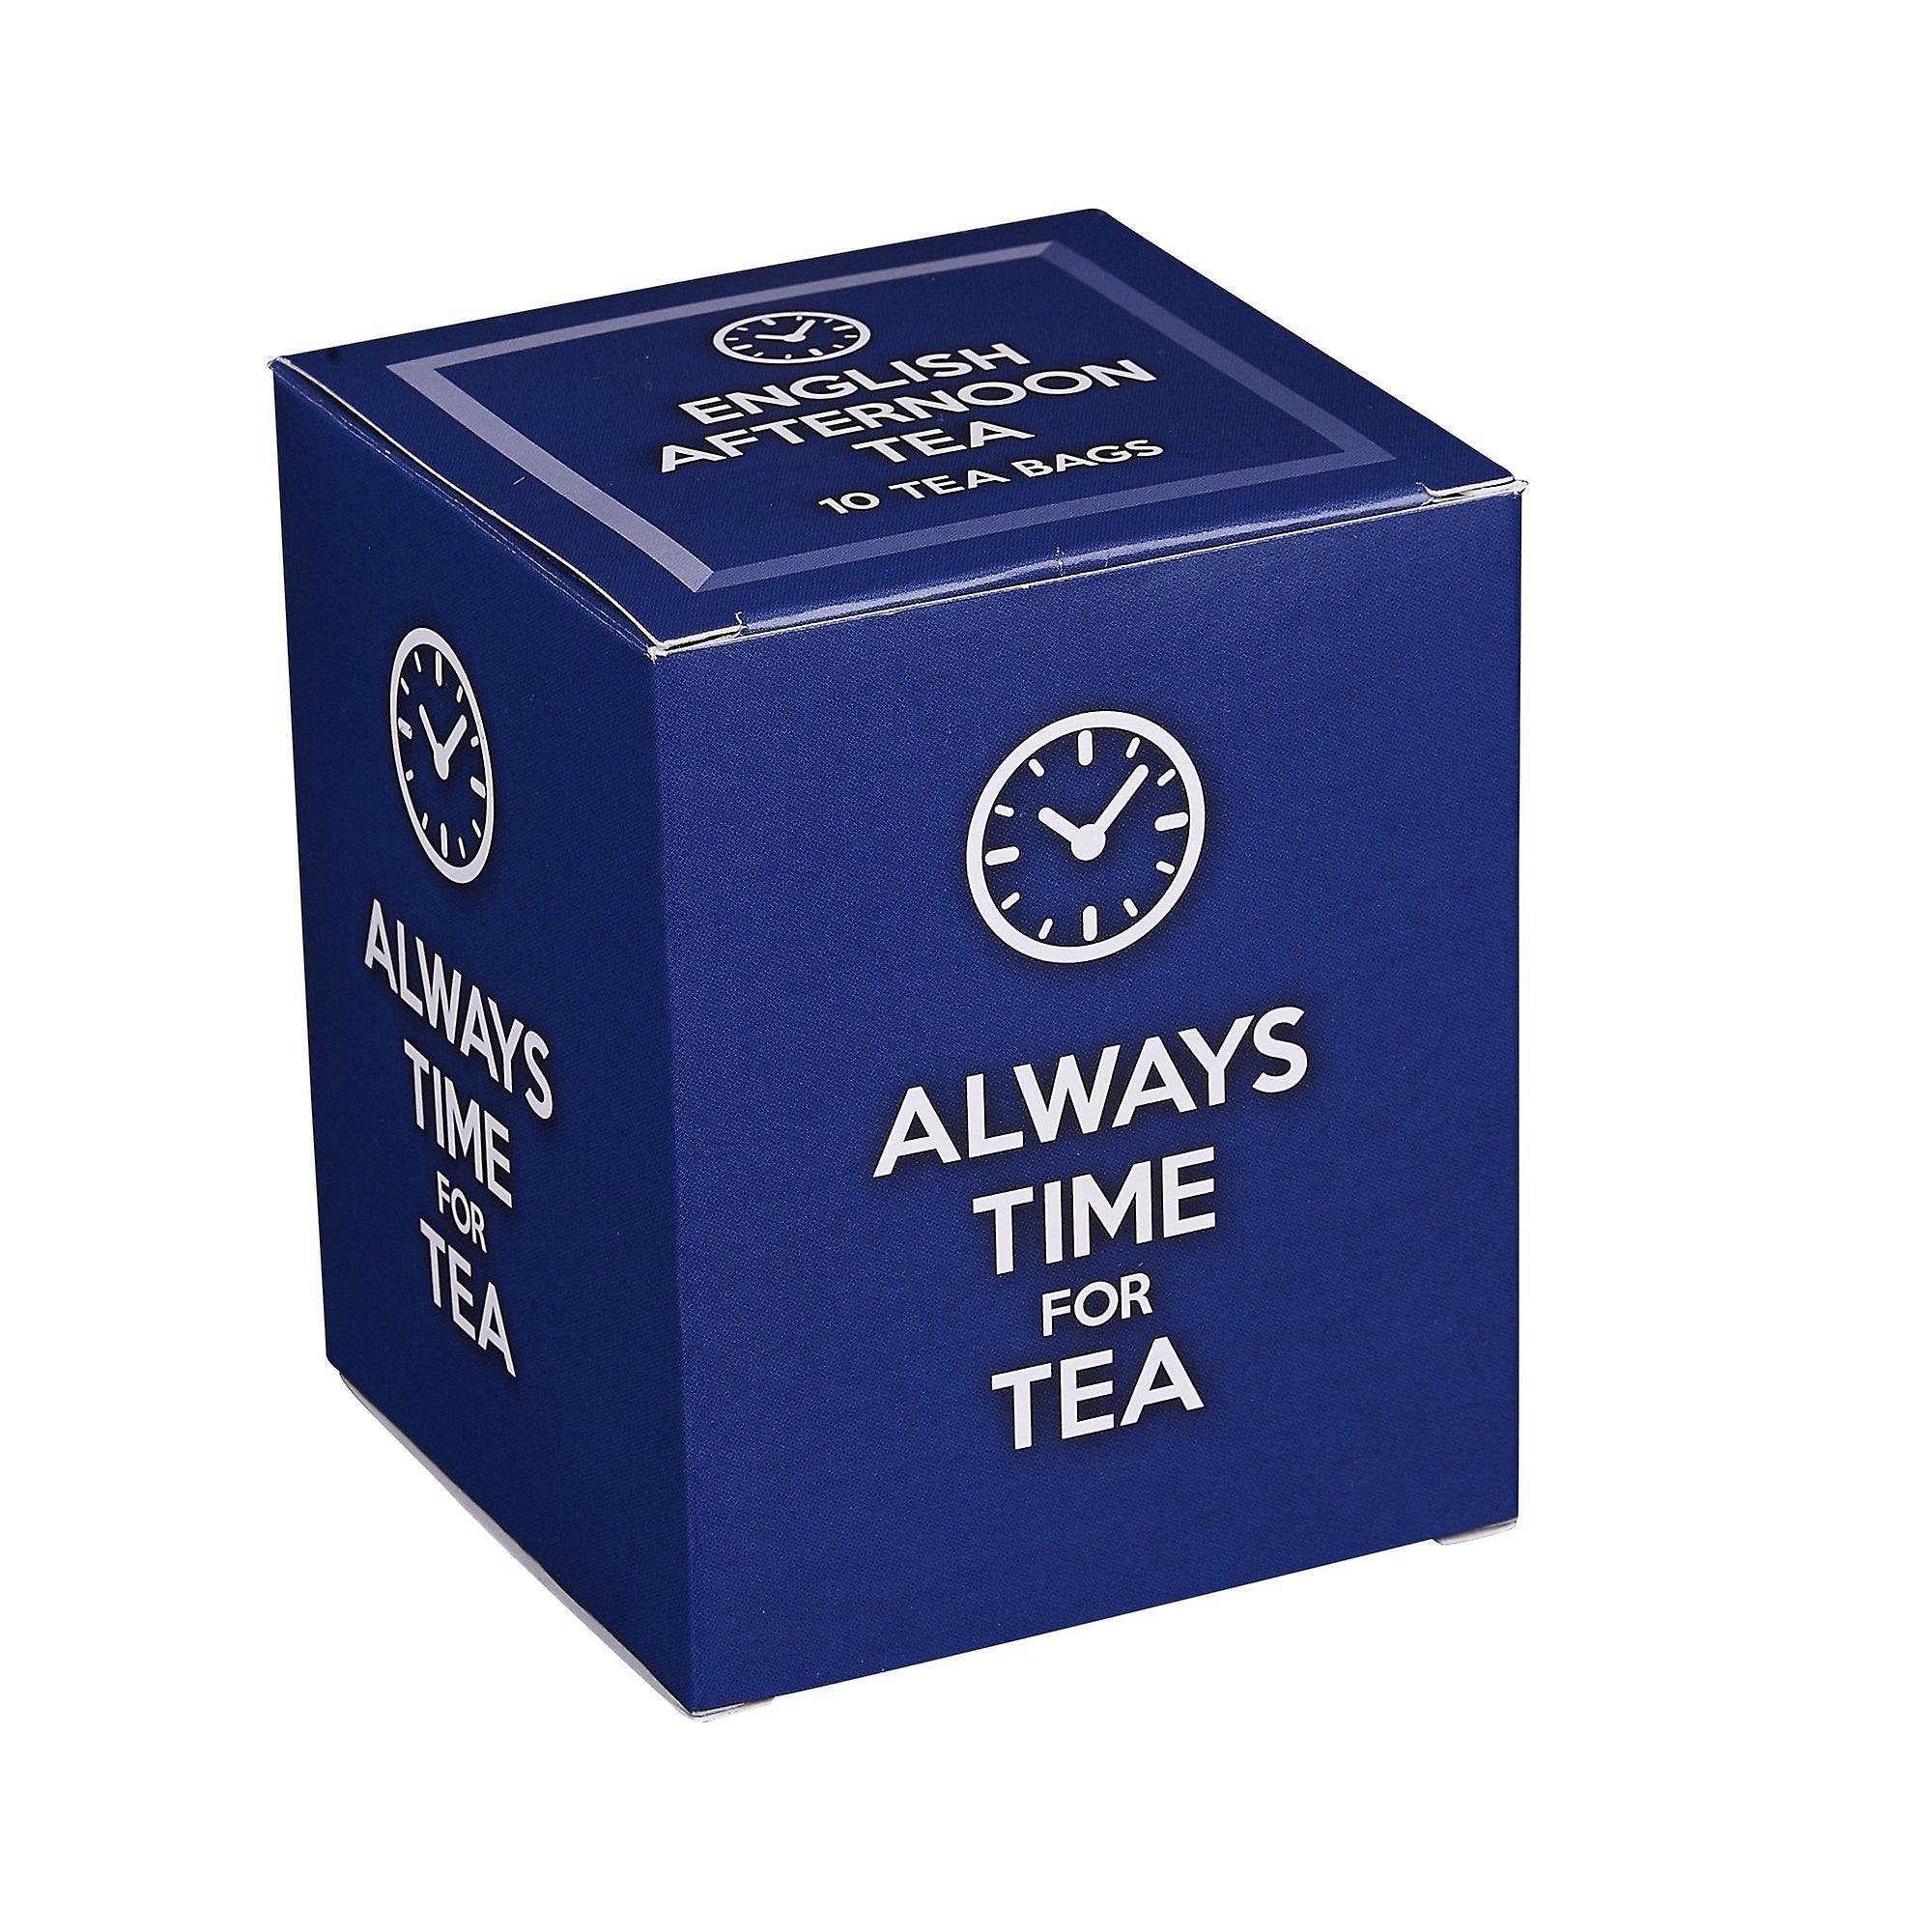 New english teas always time for tea carton 10 teabags